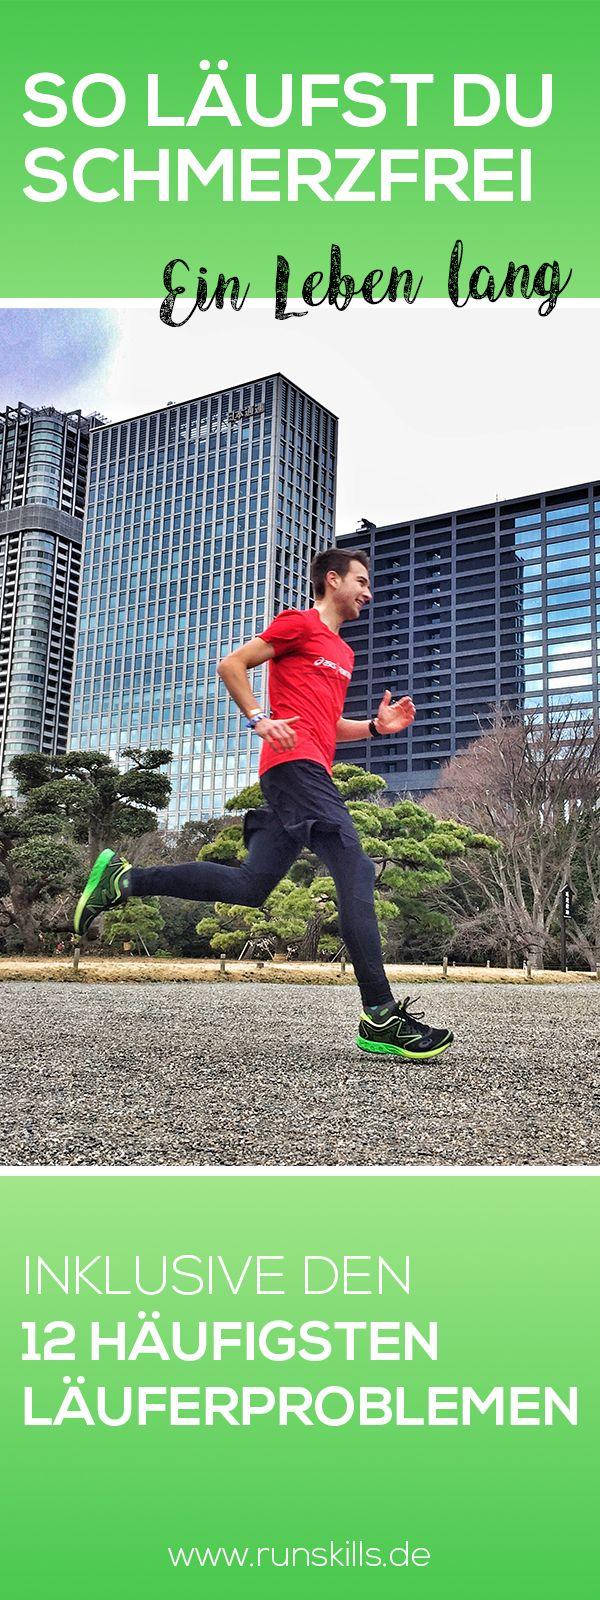 Ein Leben lang verletzungsfrei Laufen?  Das wär's! Aber worauf musst du achten, um wirklich beschwerdefrei zu bleiben? Mit diesen 10 Tipps ist schmerzfreies Laufen möglich. #laufverletzung #lauftipps #läuferprobleme